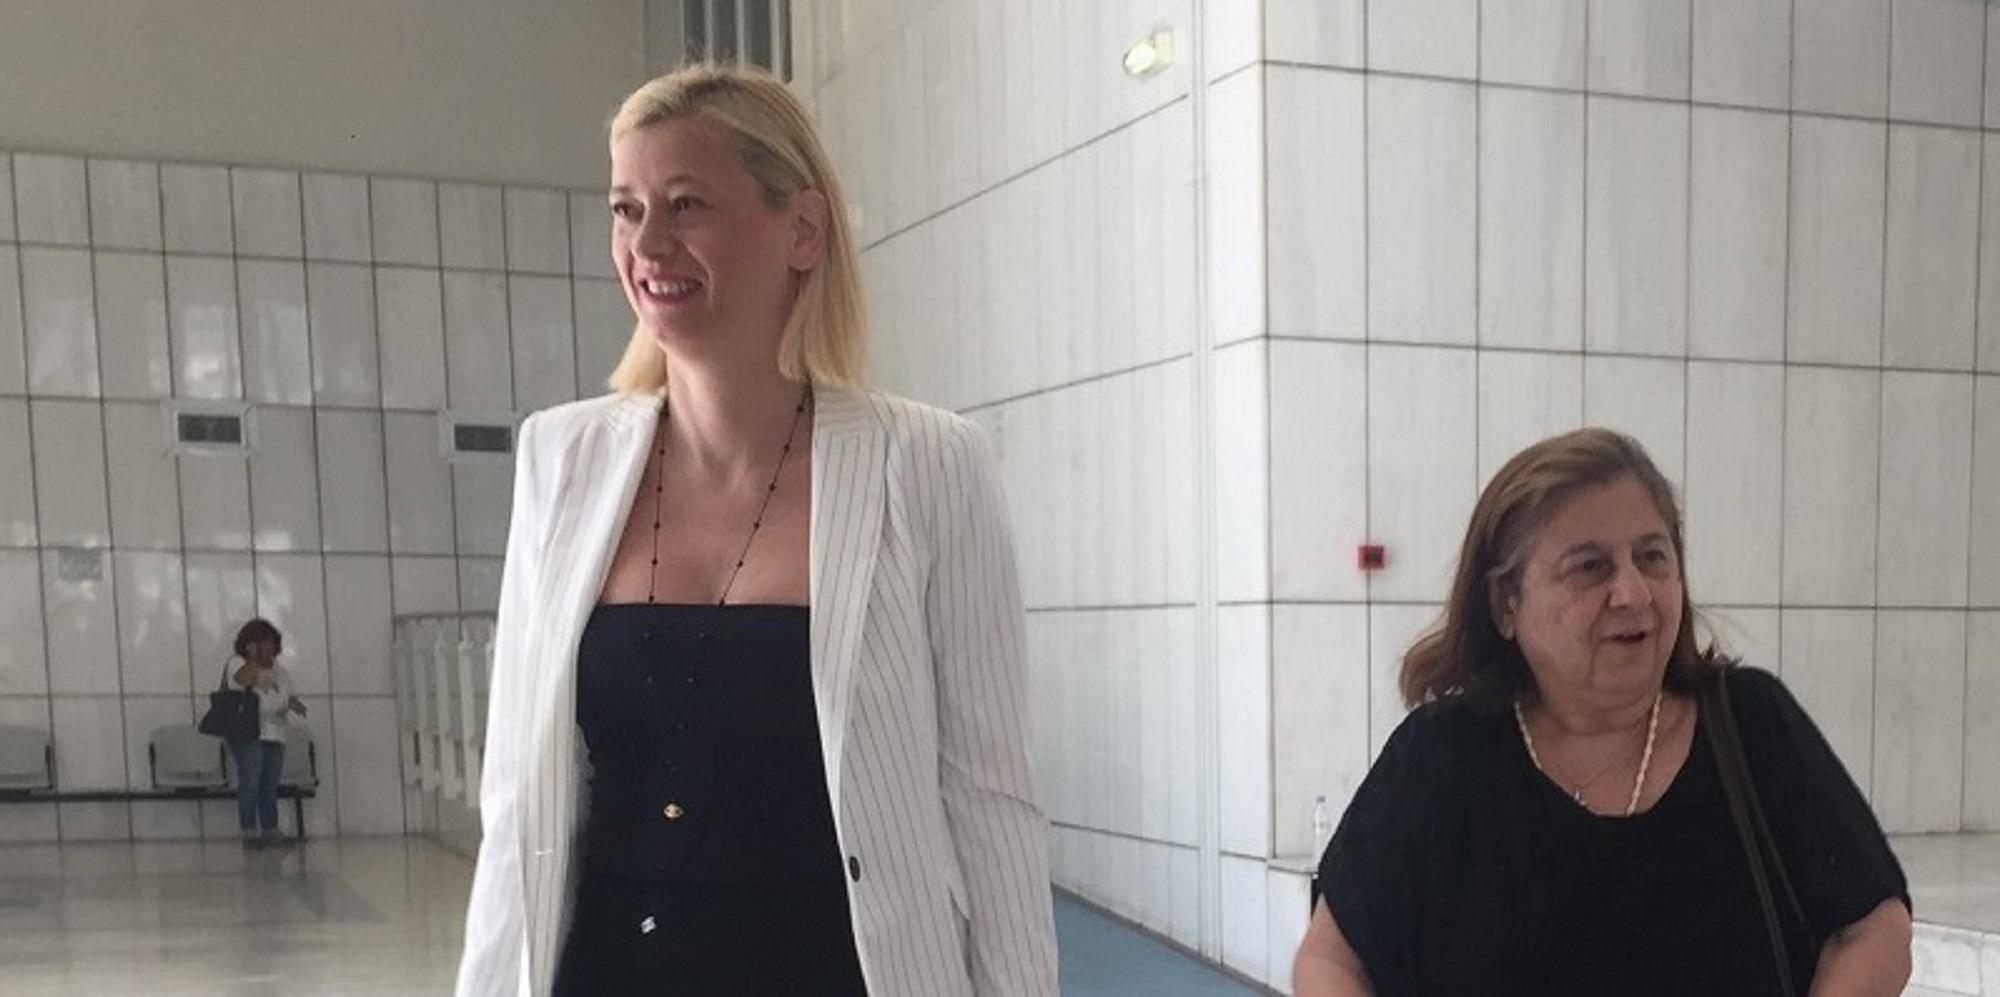 Η Ραχήλ Μακρή με την Ζωή Γεωργαντά στην εκπομπή του Κώστα Παπαζαφειρίου, στο Ρ/Σ Metropolis 95.5fm για το θέμα της ΕΛΣΤΑΤ | 05.08.2017